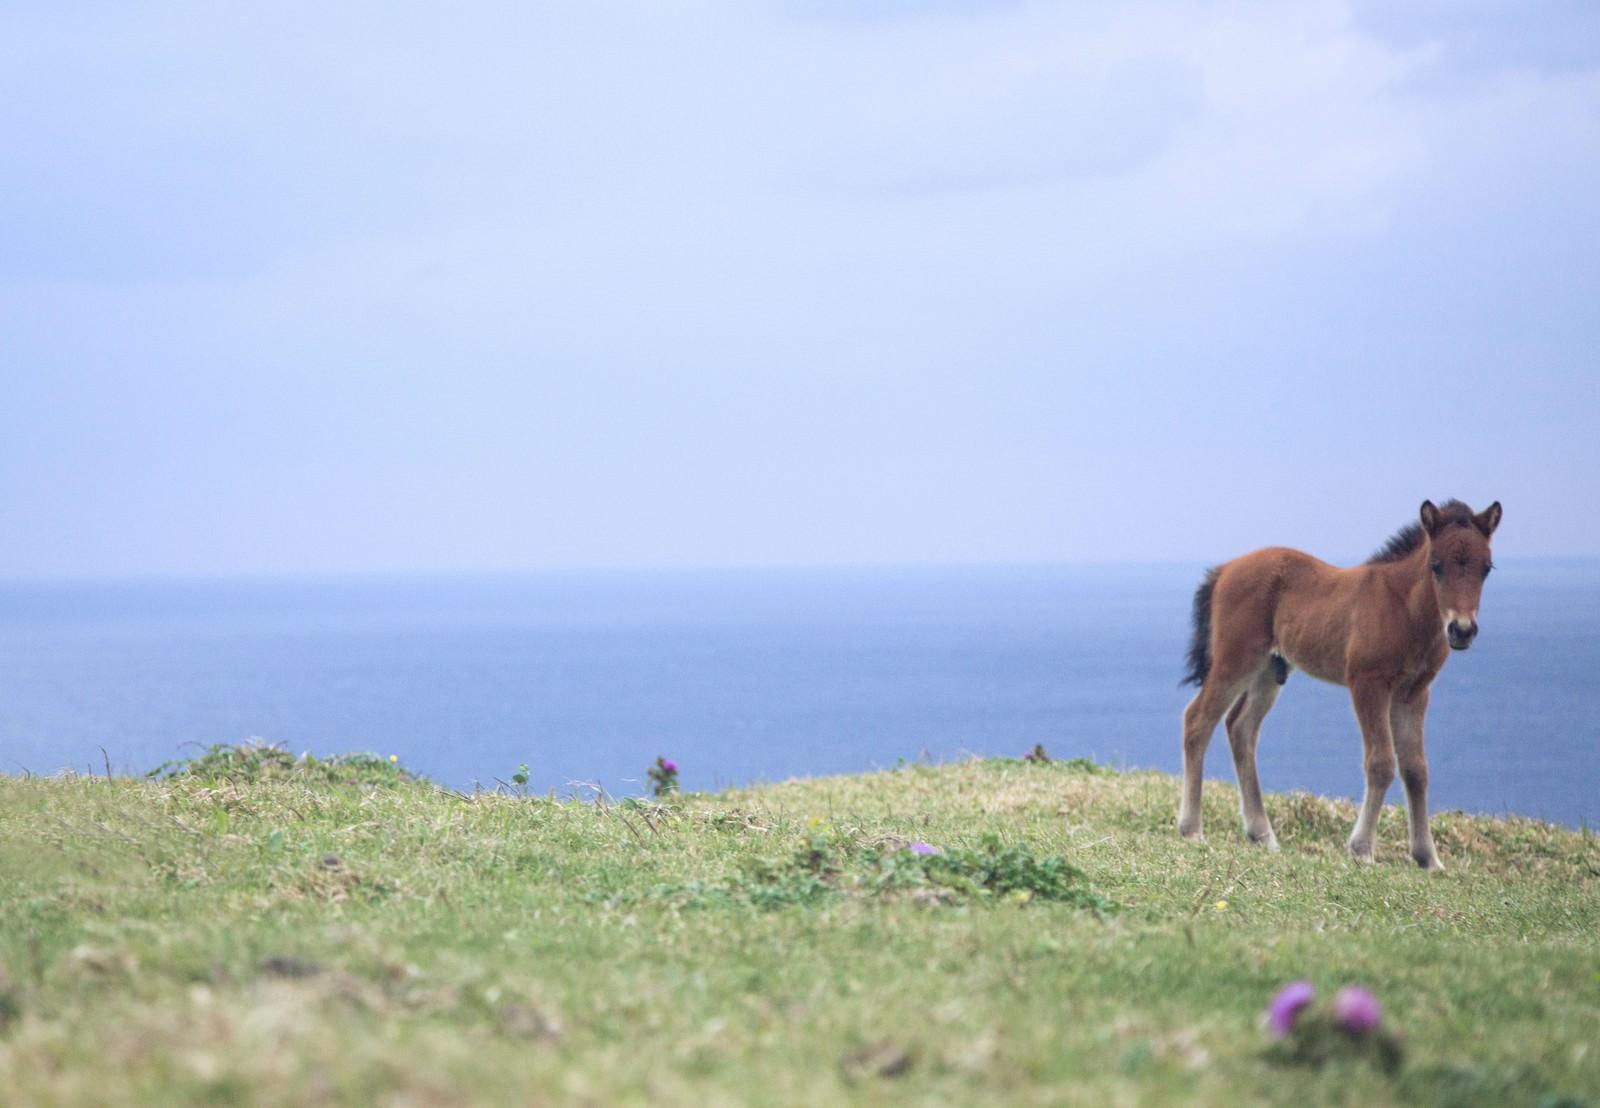 「与那国島でのびのび生きる子馬与那国島でのびのび生きる子馬」のフリー写真素材を拡大